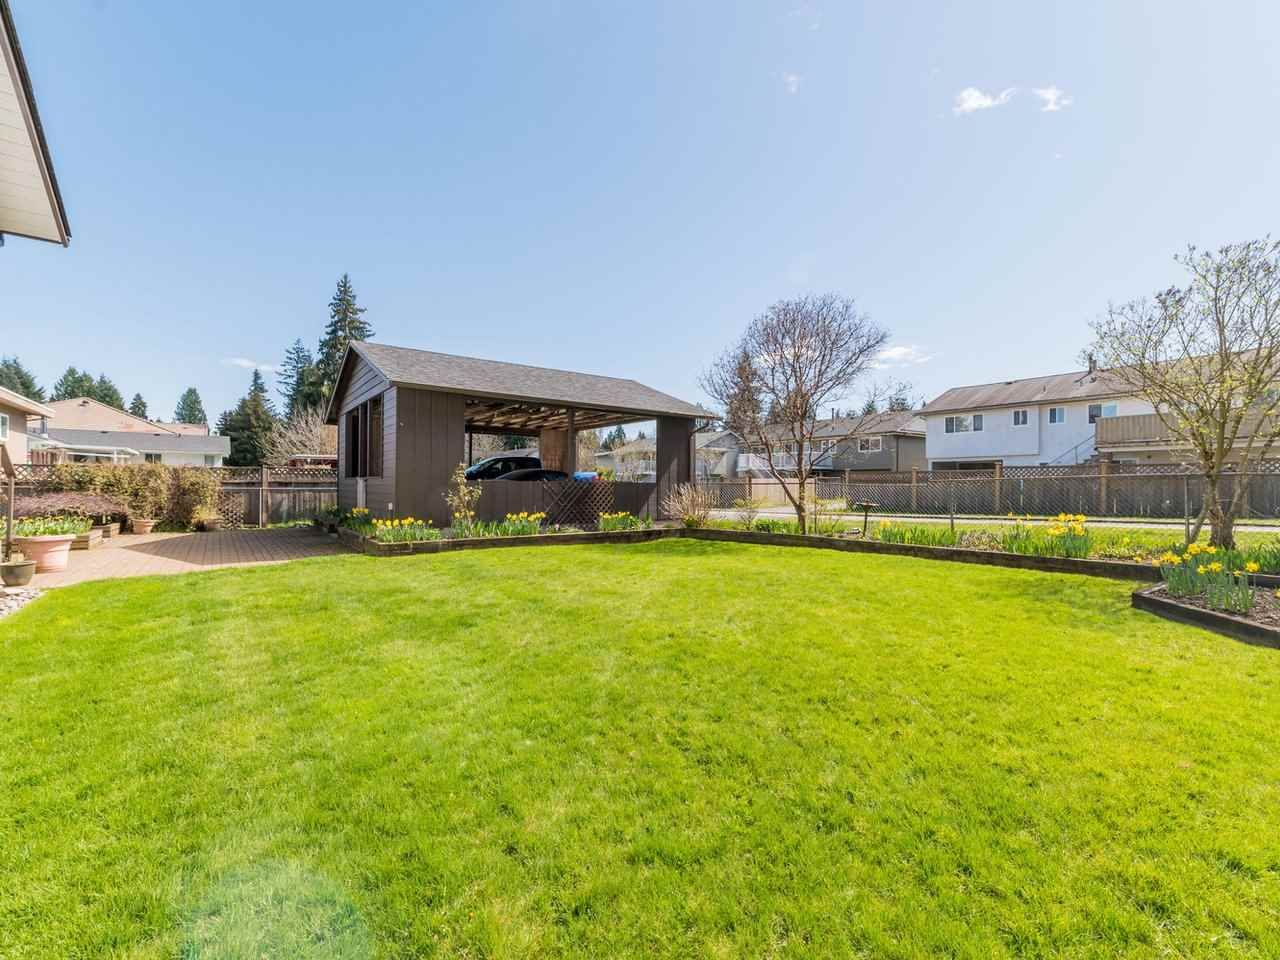 Photo 35: Photos: 808 REGAN Avenue in Coquitlam: Coquitlam West House for sale : MLS®# R2563486